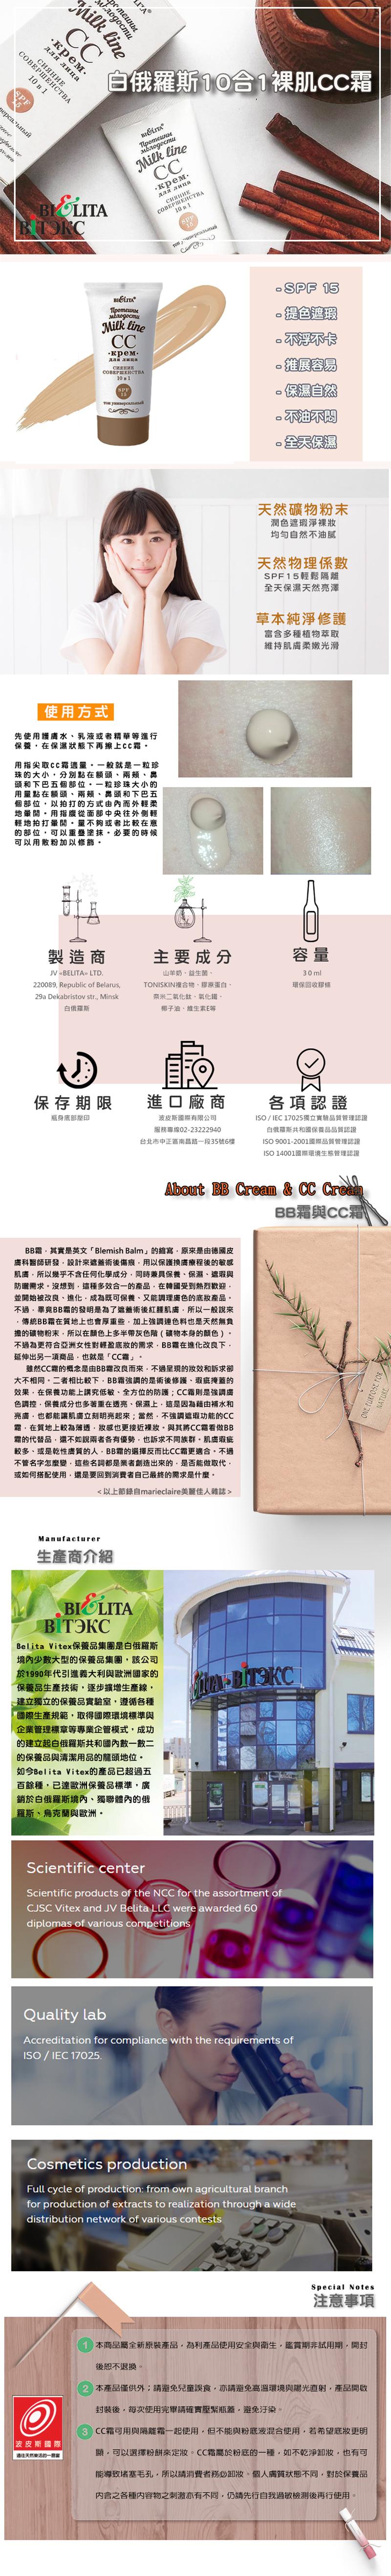 10合1-CC霜onepage.jpg